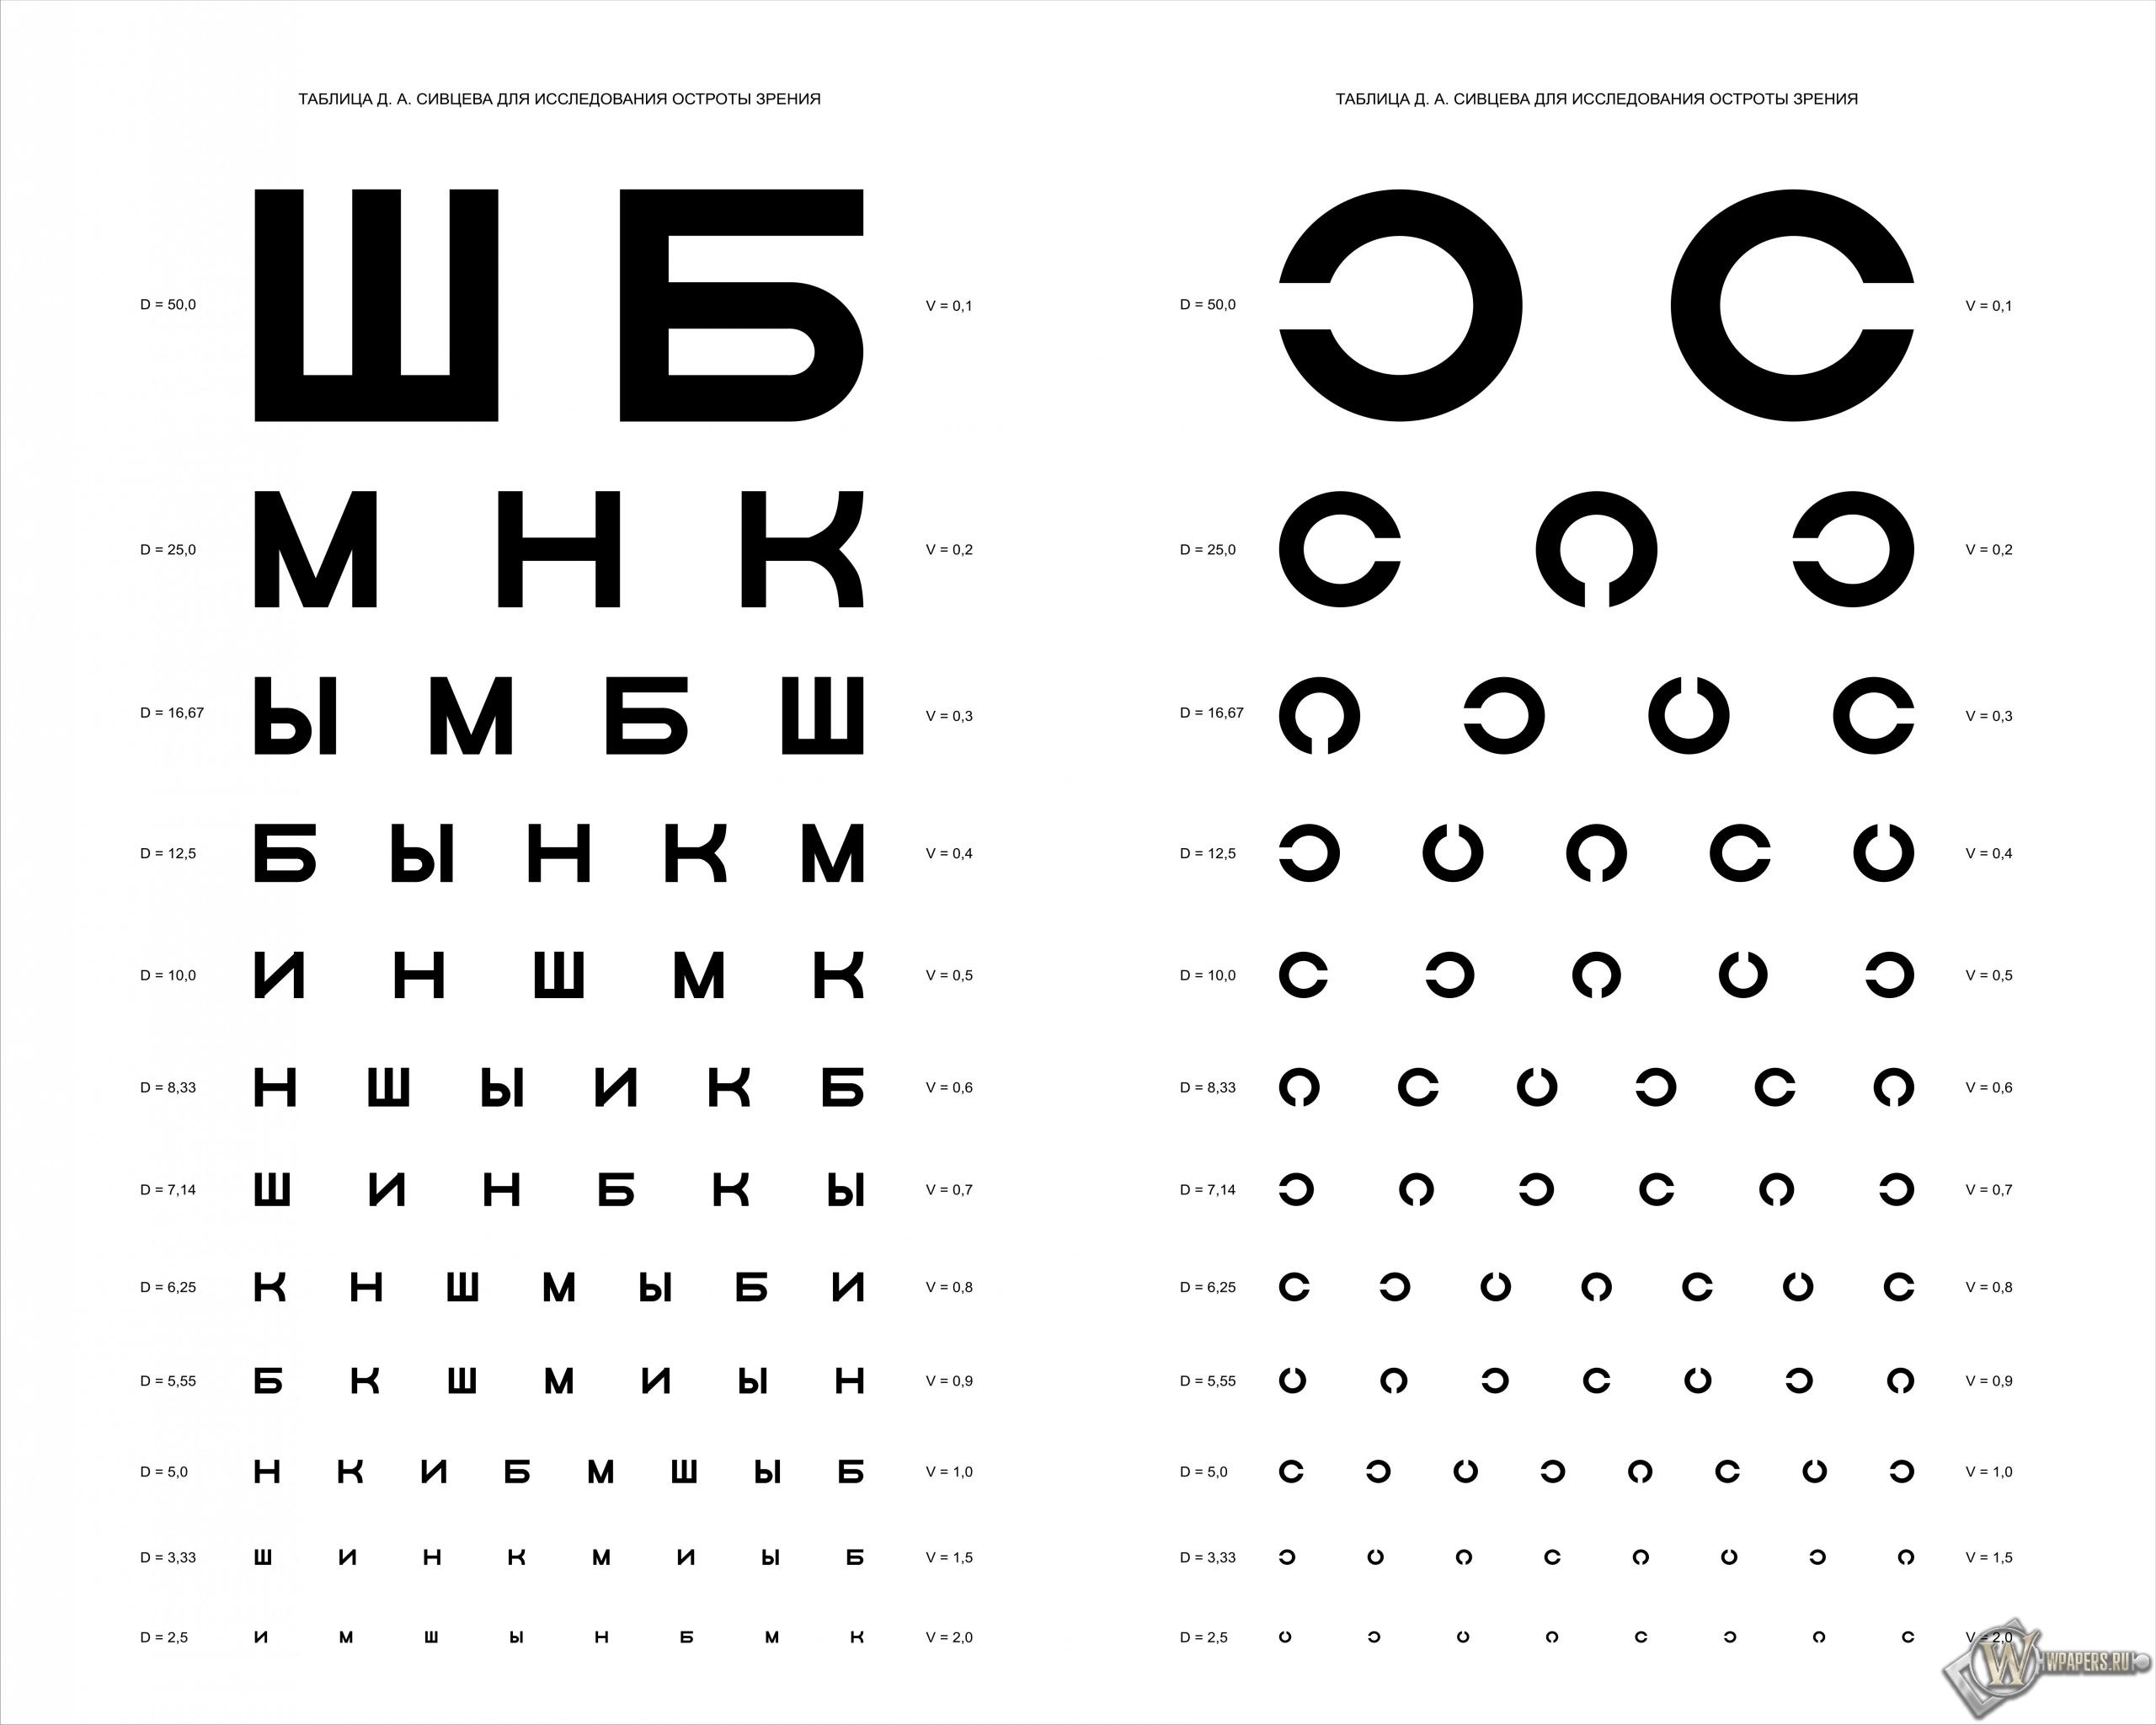 Таблица Д.А. Сивцева для проверки зрения 2560x2048